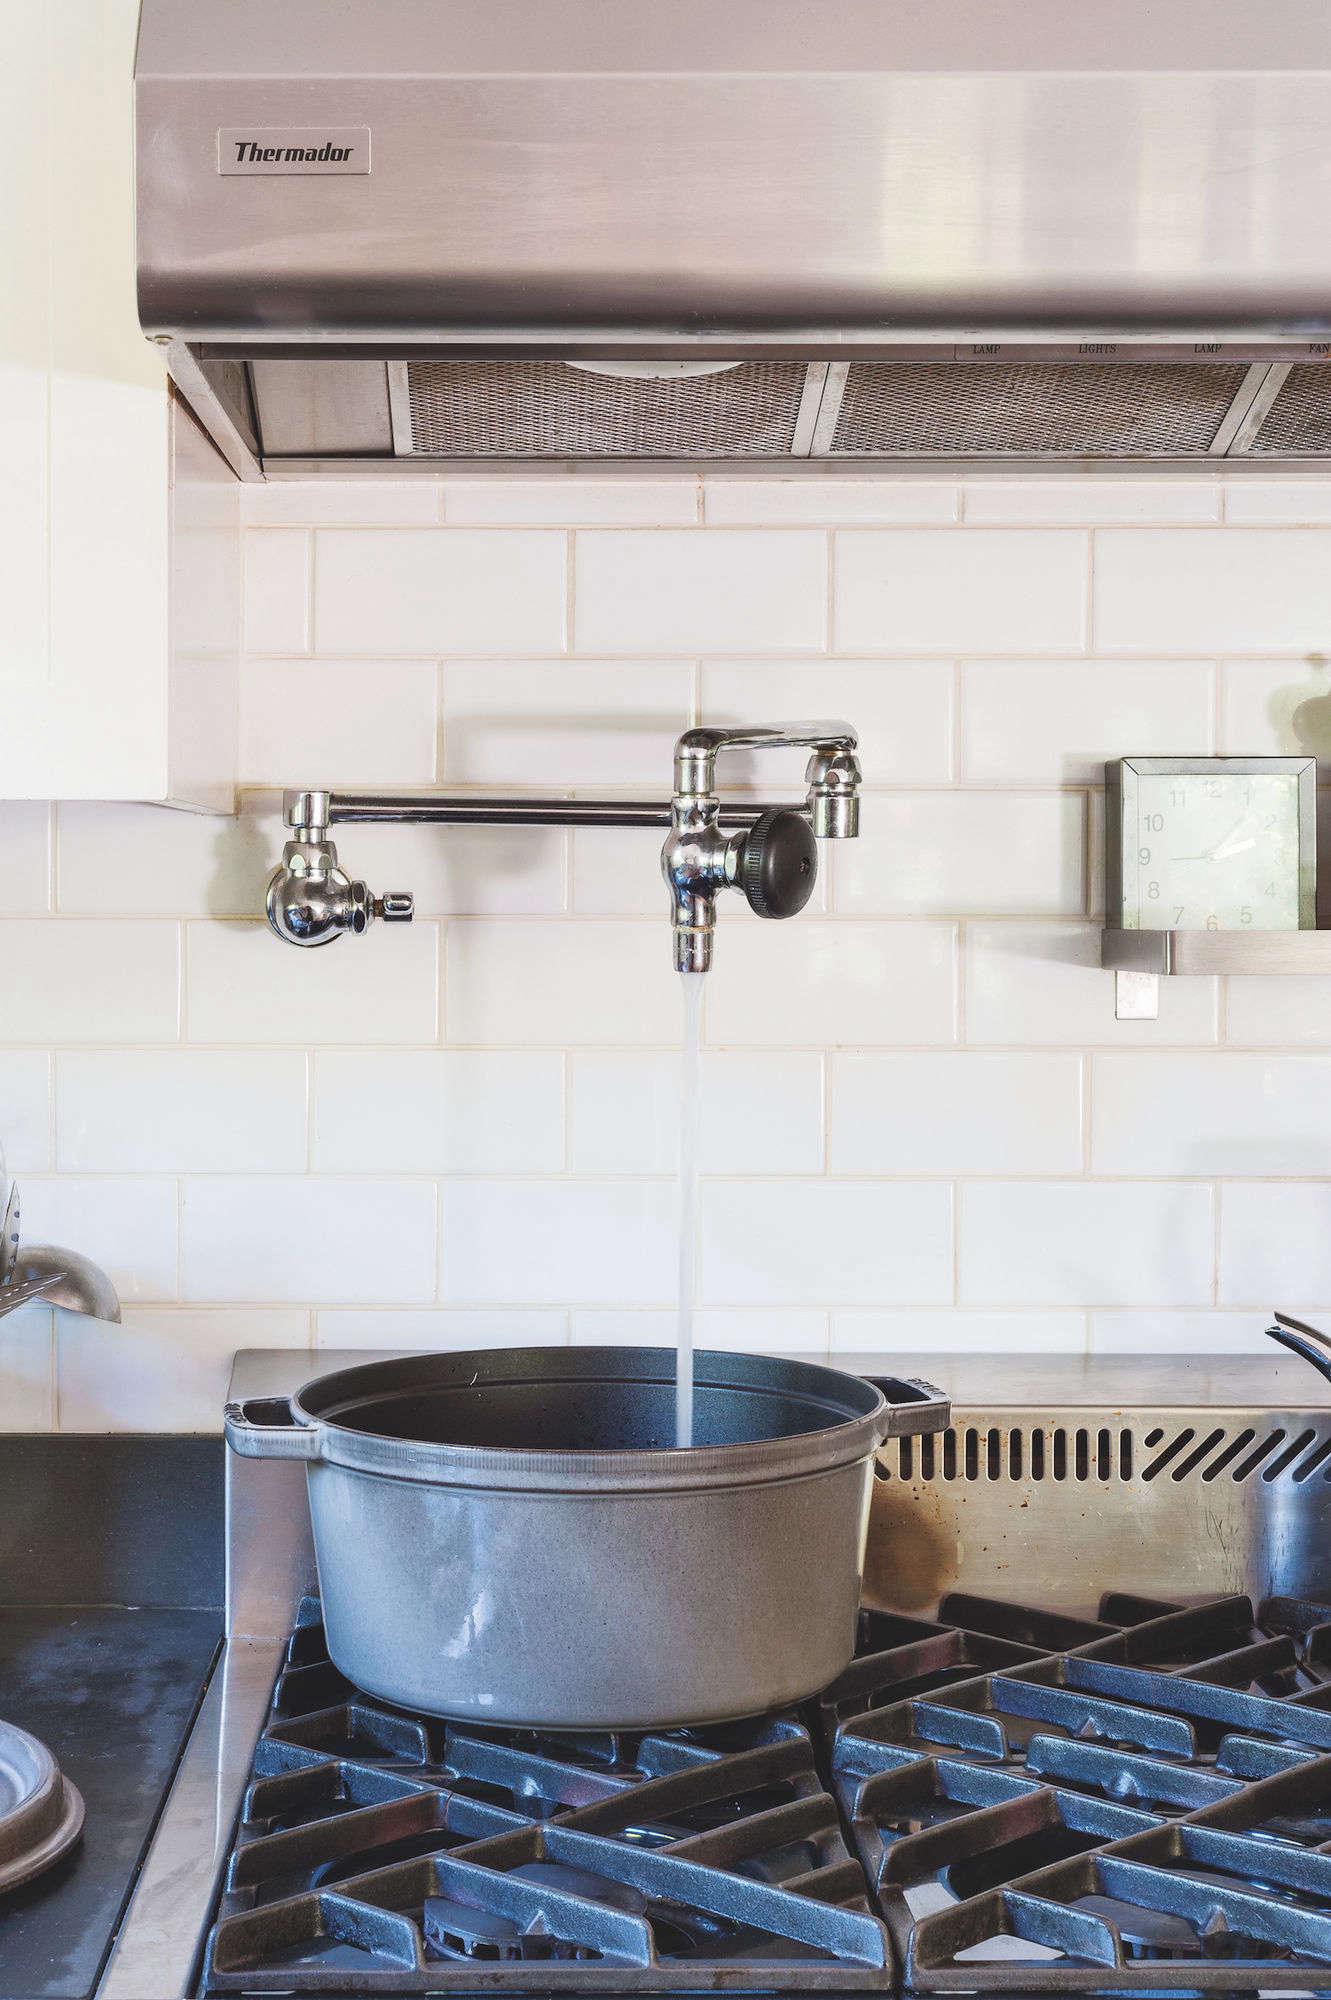 julie carlson mill valley matthew williams remodelista Pot filler vertical